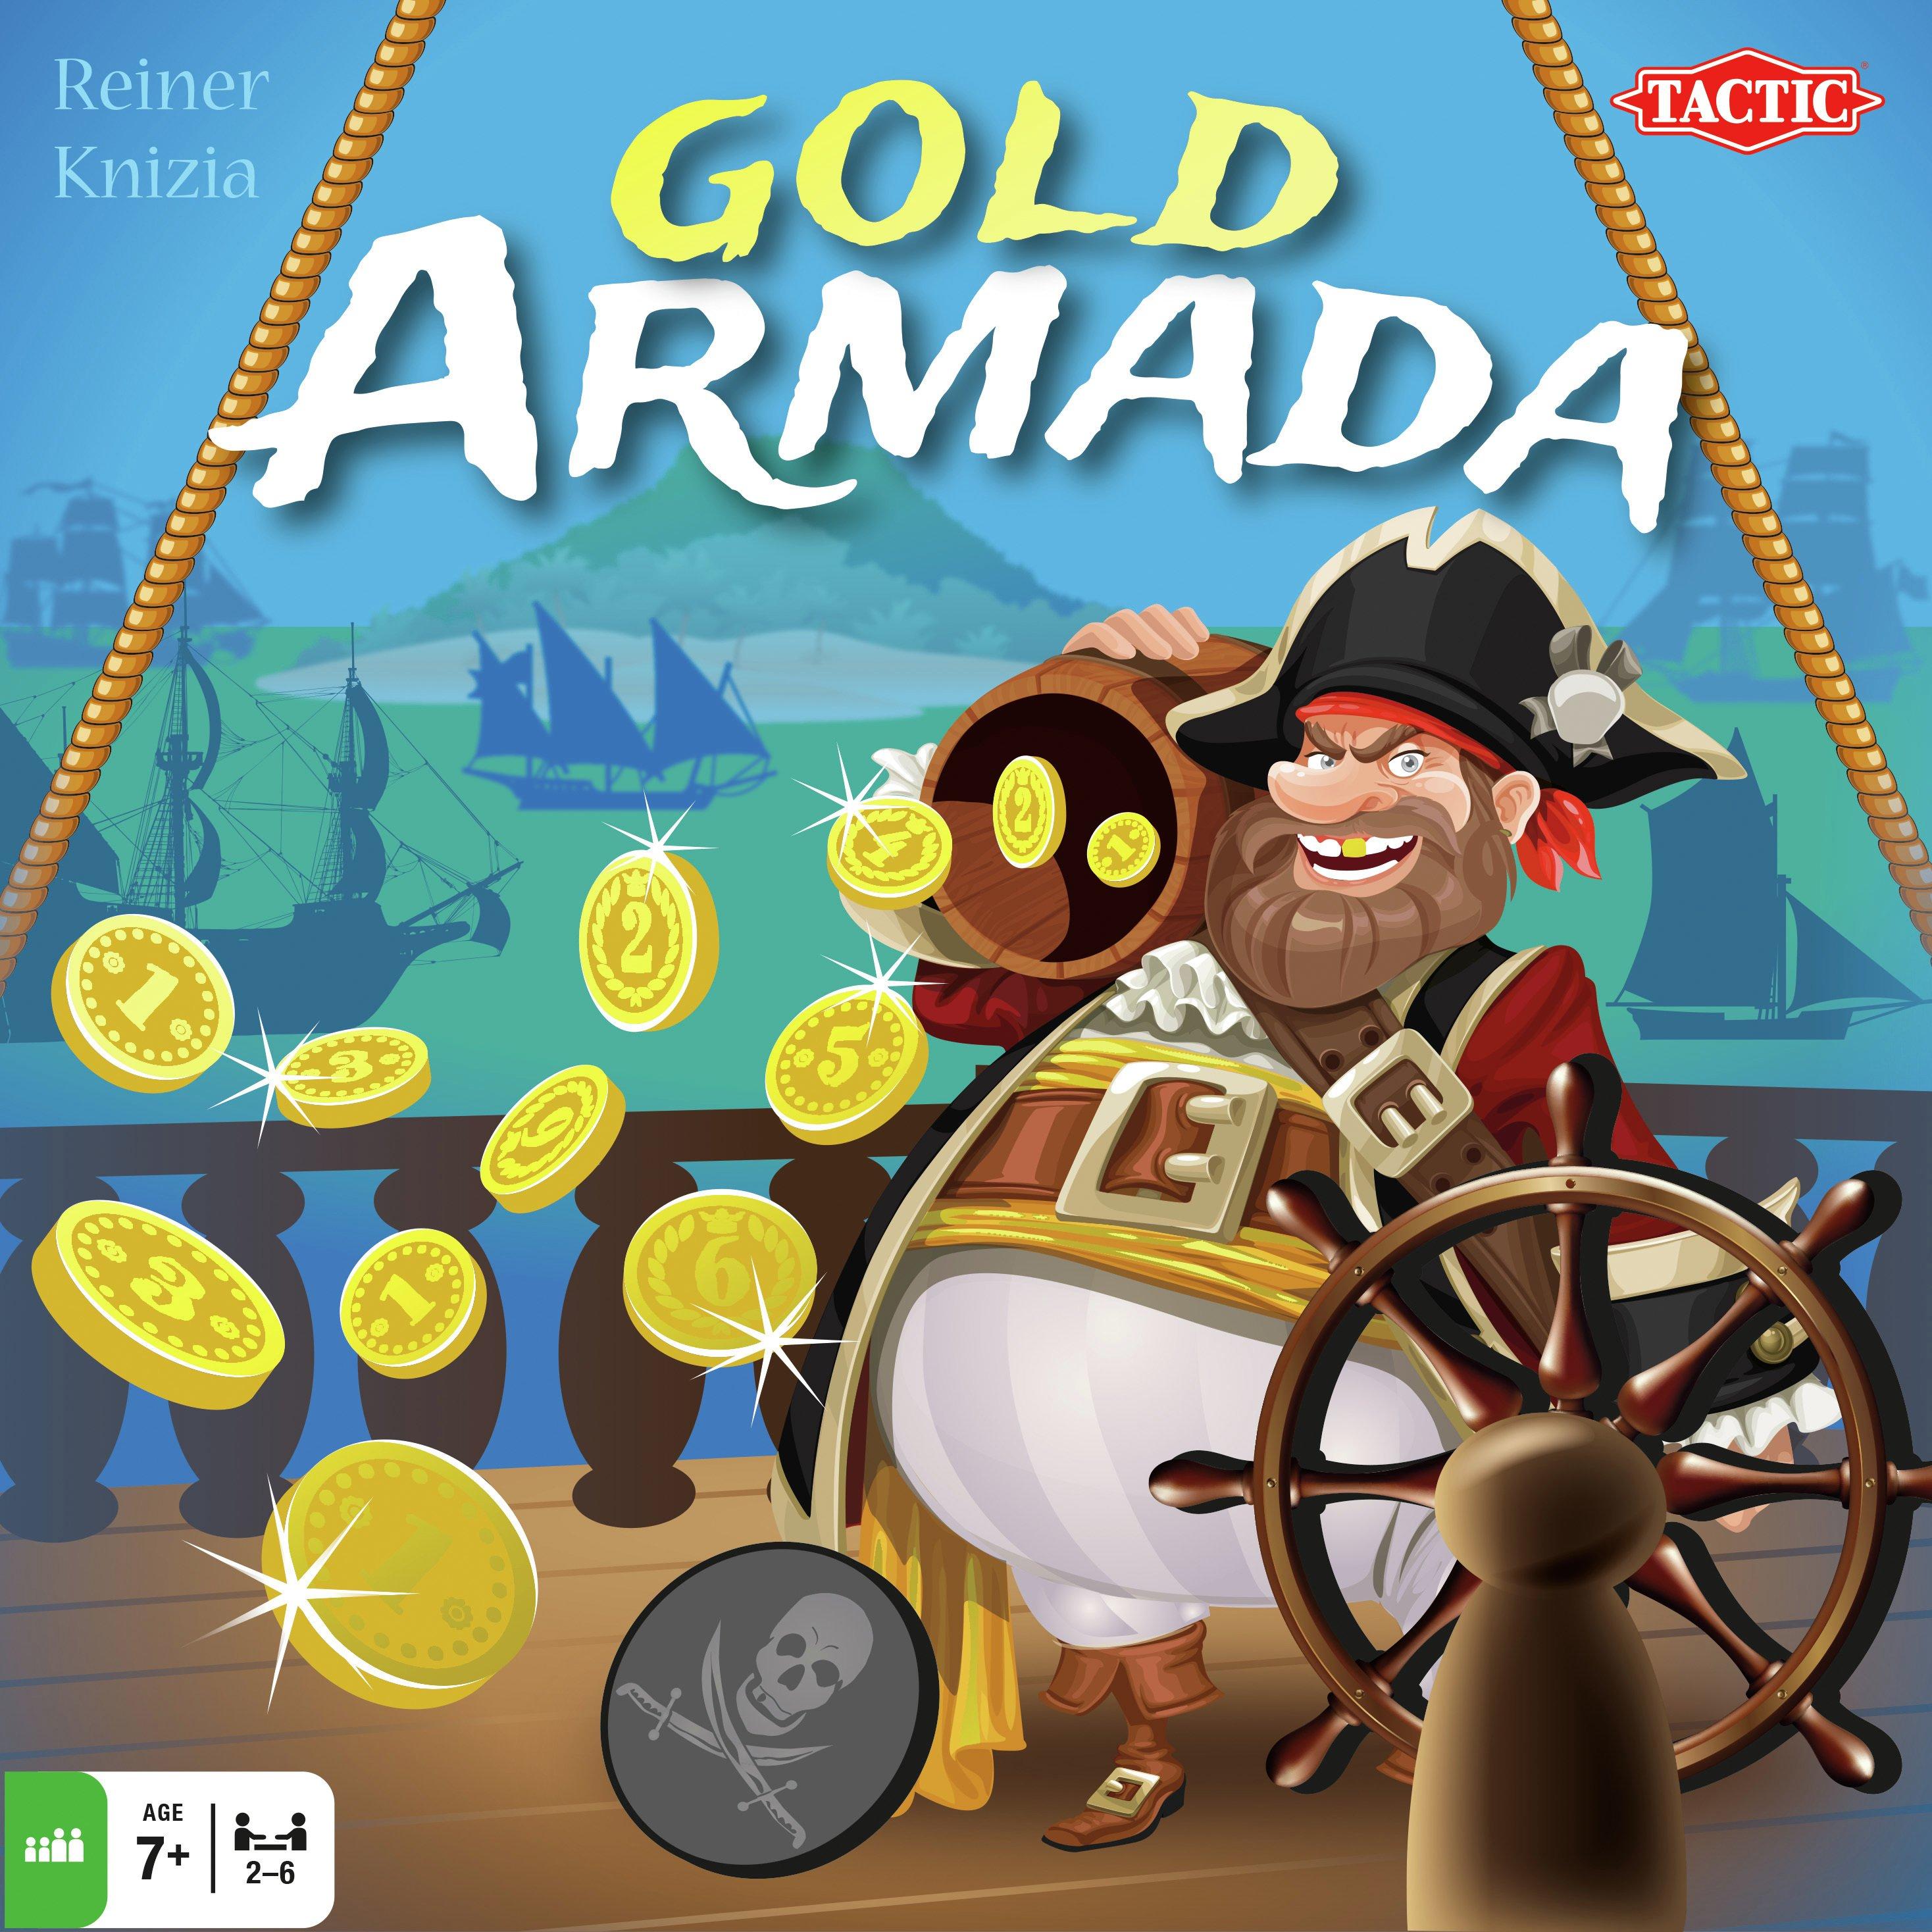 Image of Tactic Games Treasure Armada Game.